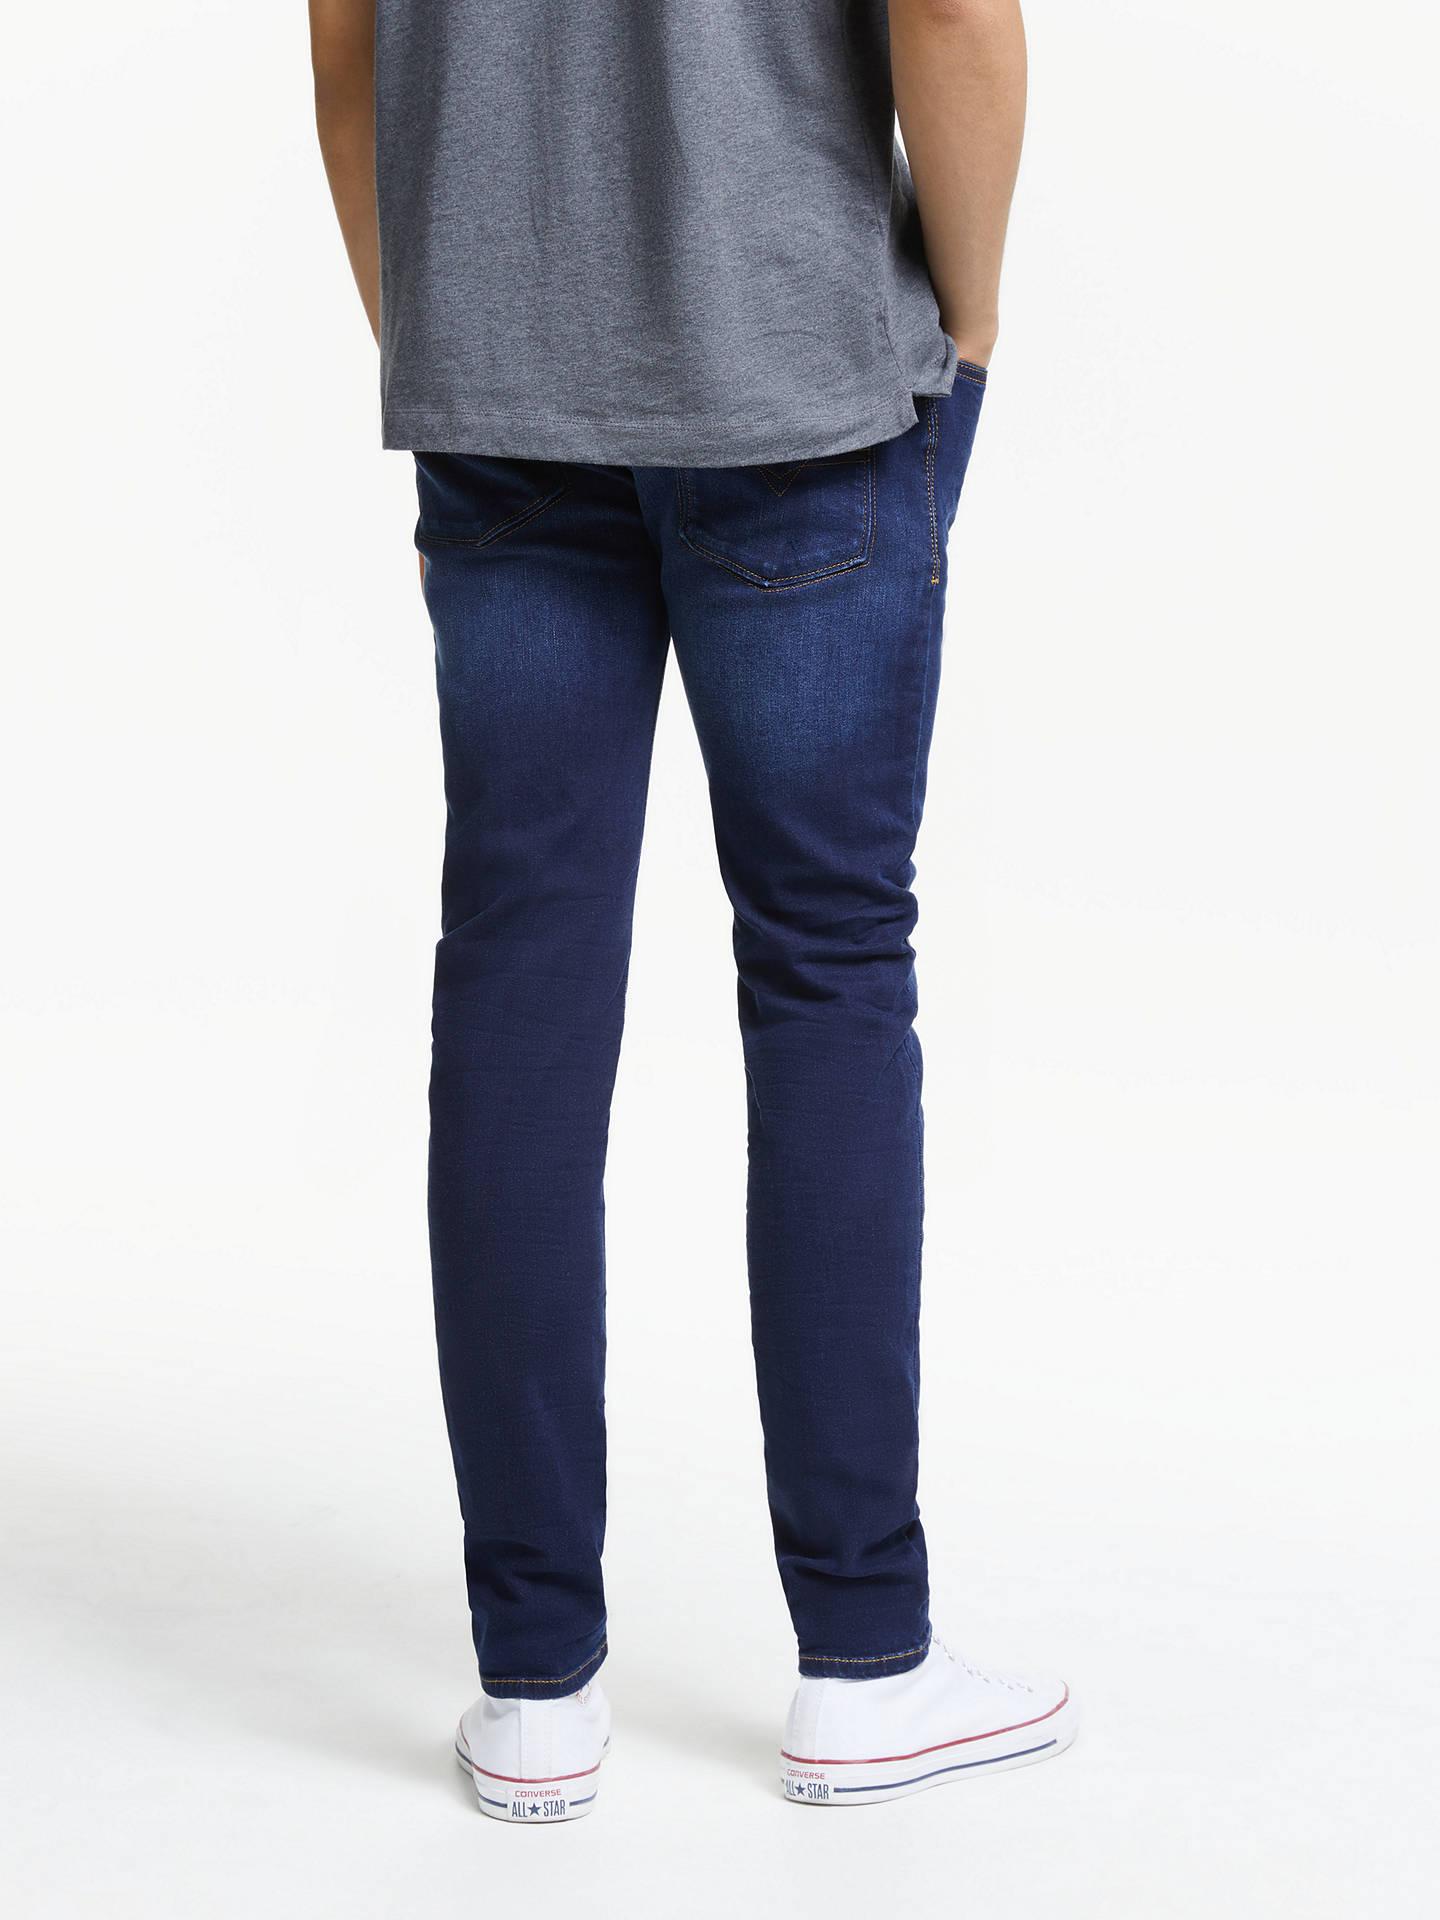 85a836f9 ... Buy Diesel Sleenker Skinny Jeans, Blue, 30S Online at johnlewis.com ...